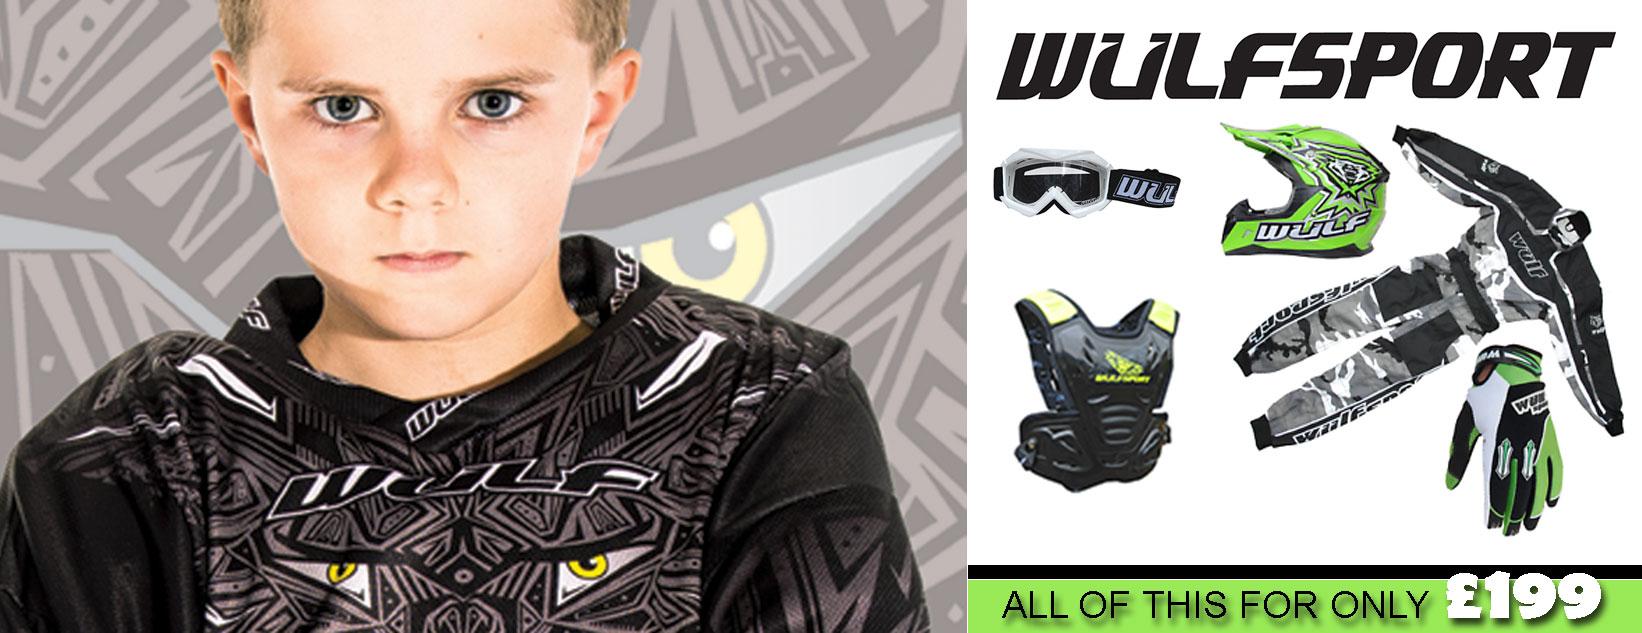 Wulfrace Clothing